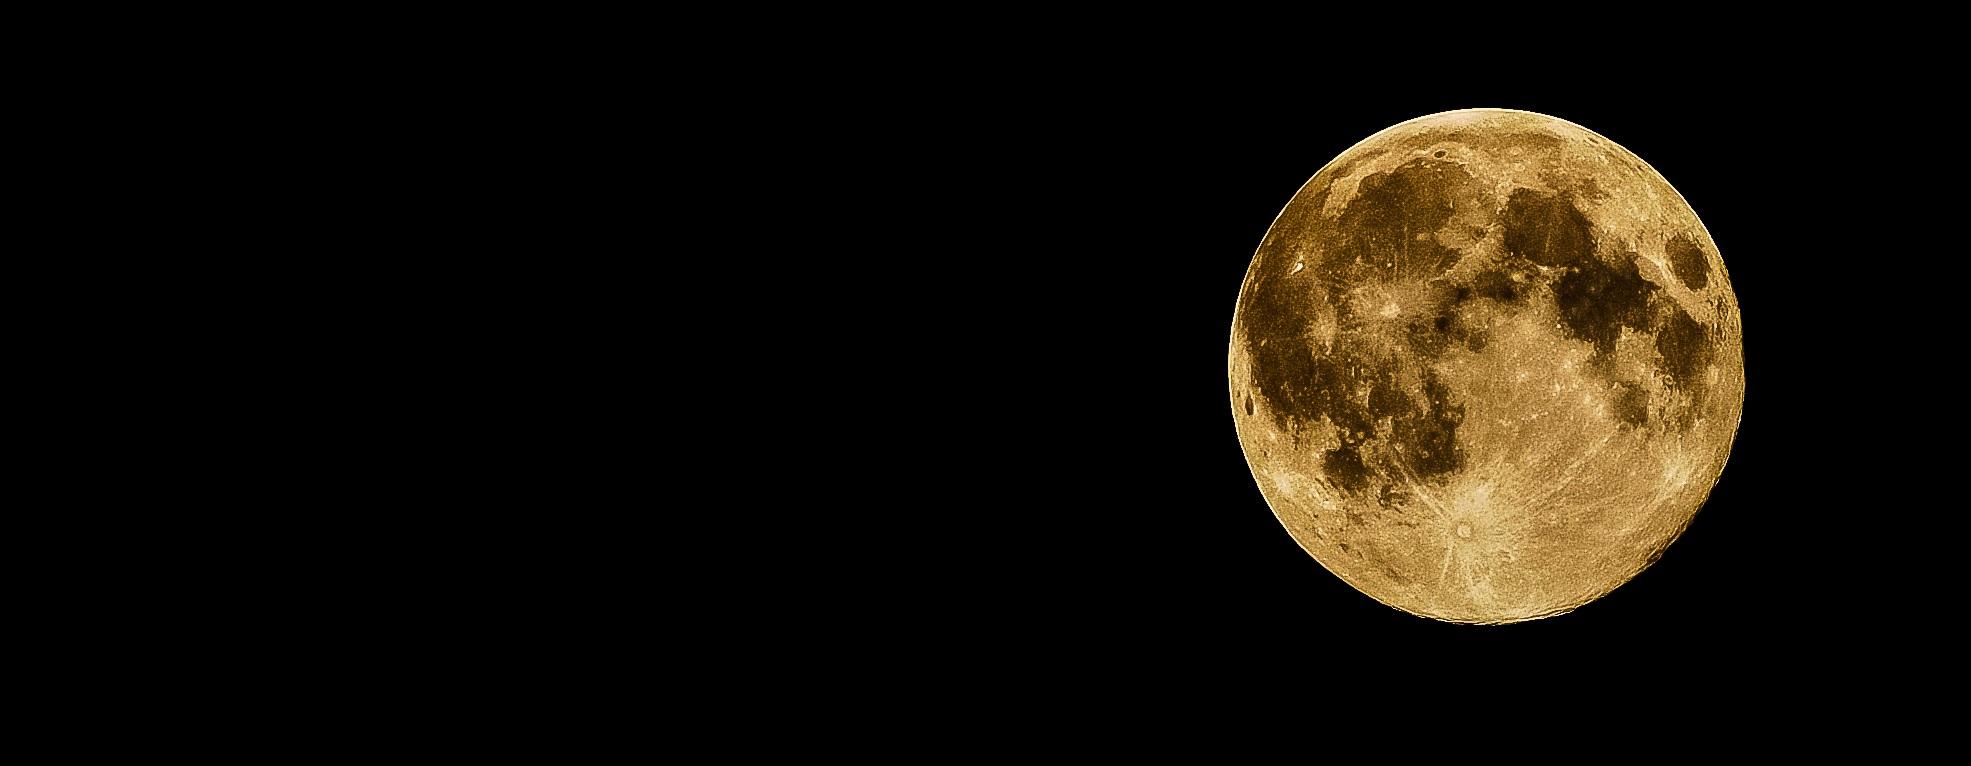 Nueva teoría sobre cómo se formó la Luna